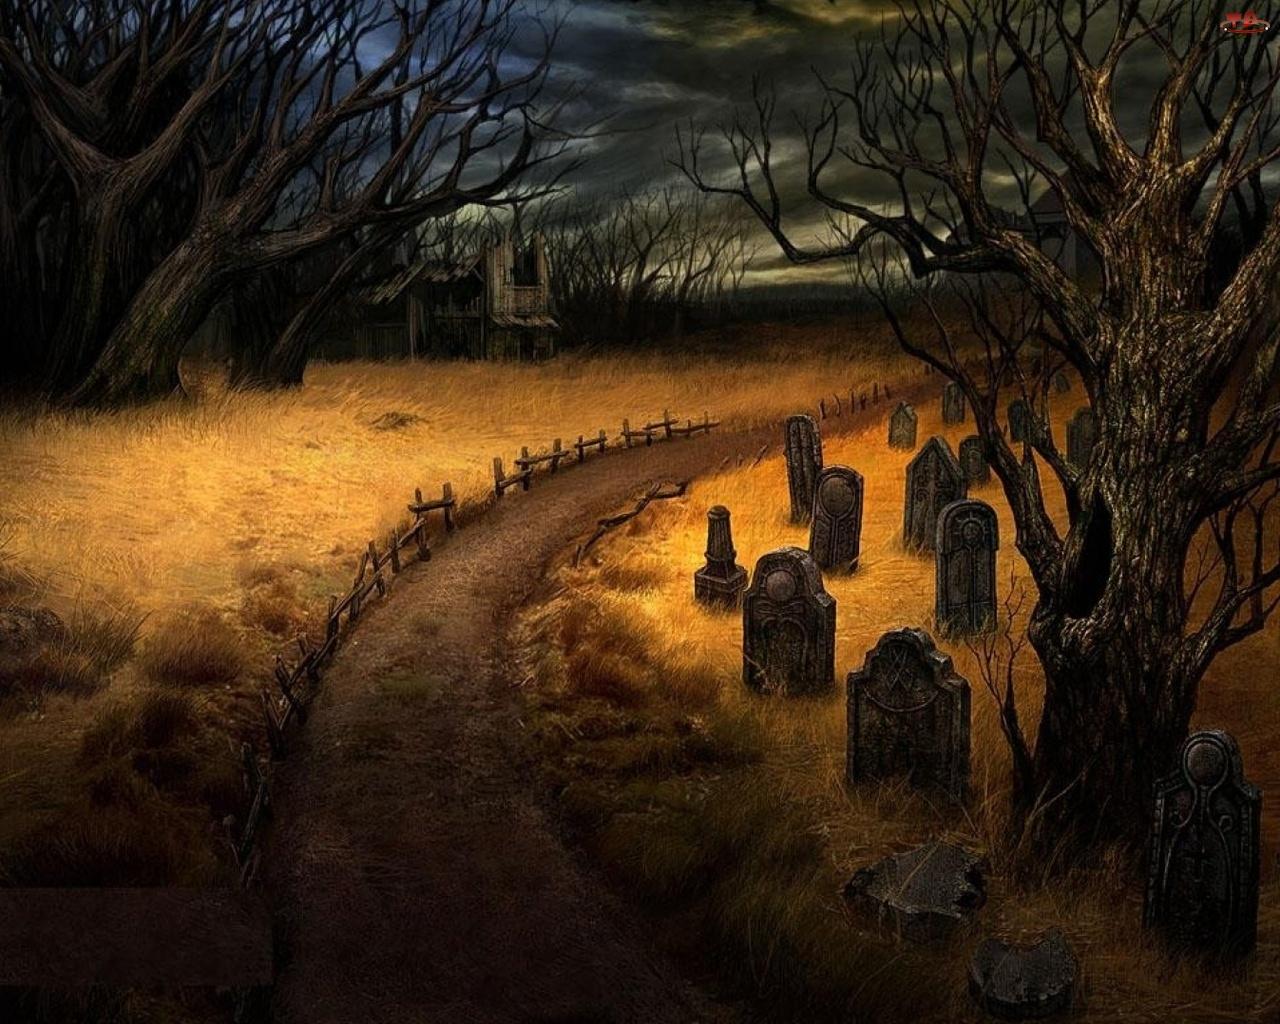 Drzewa, Cmentarz, Nagrobki